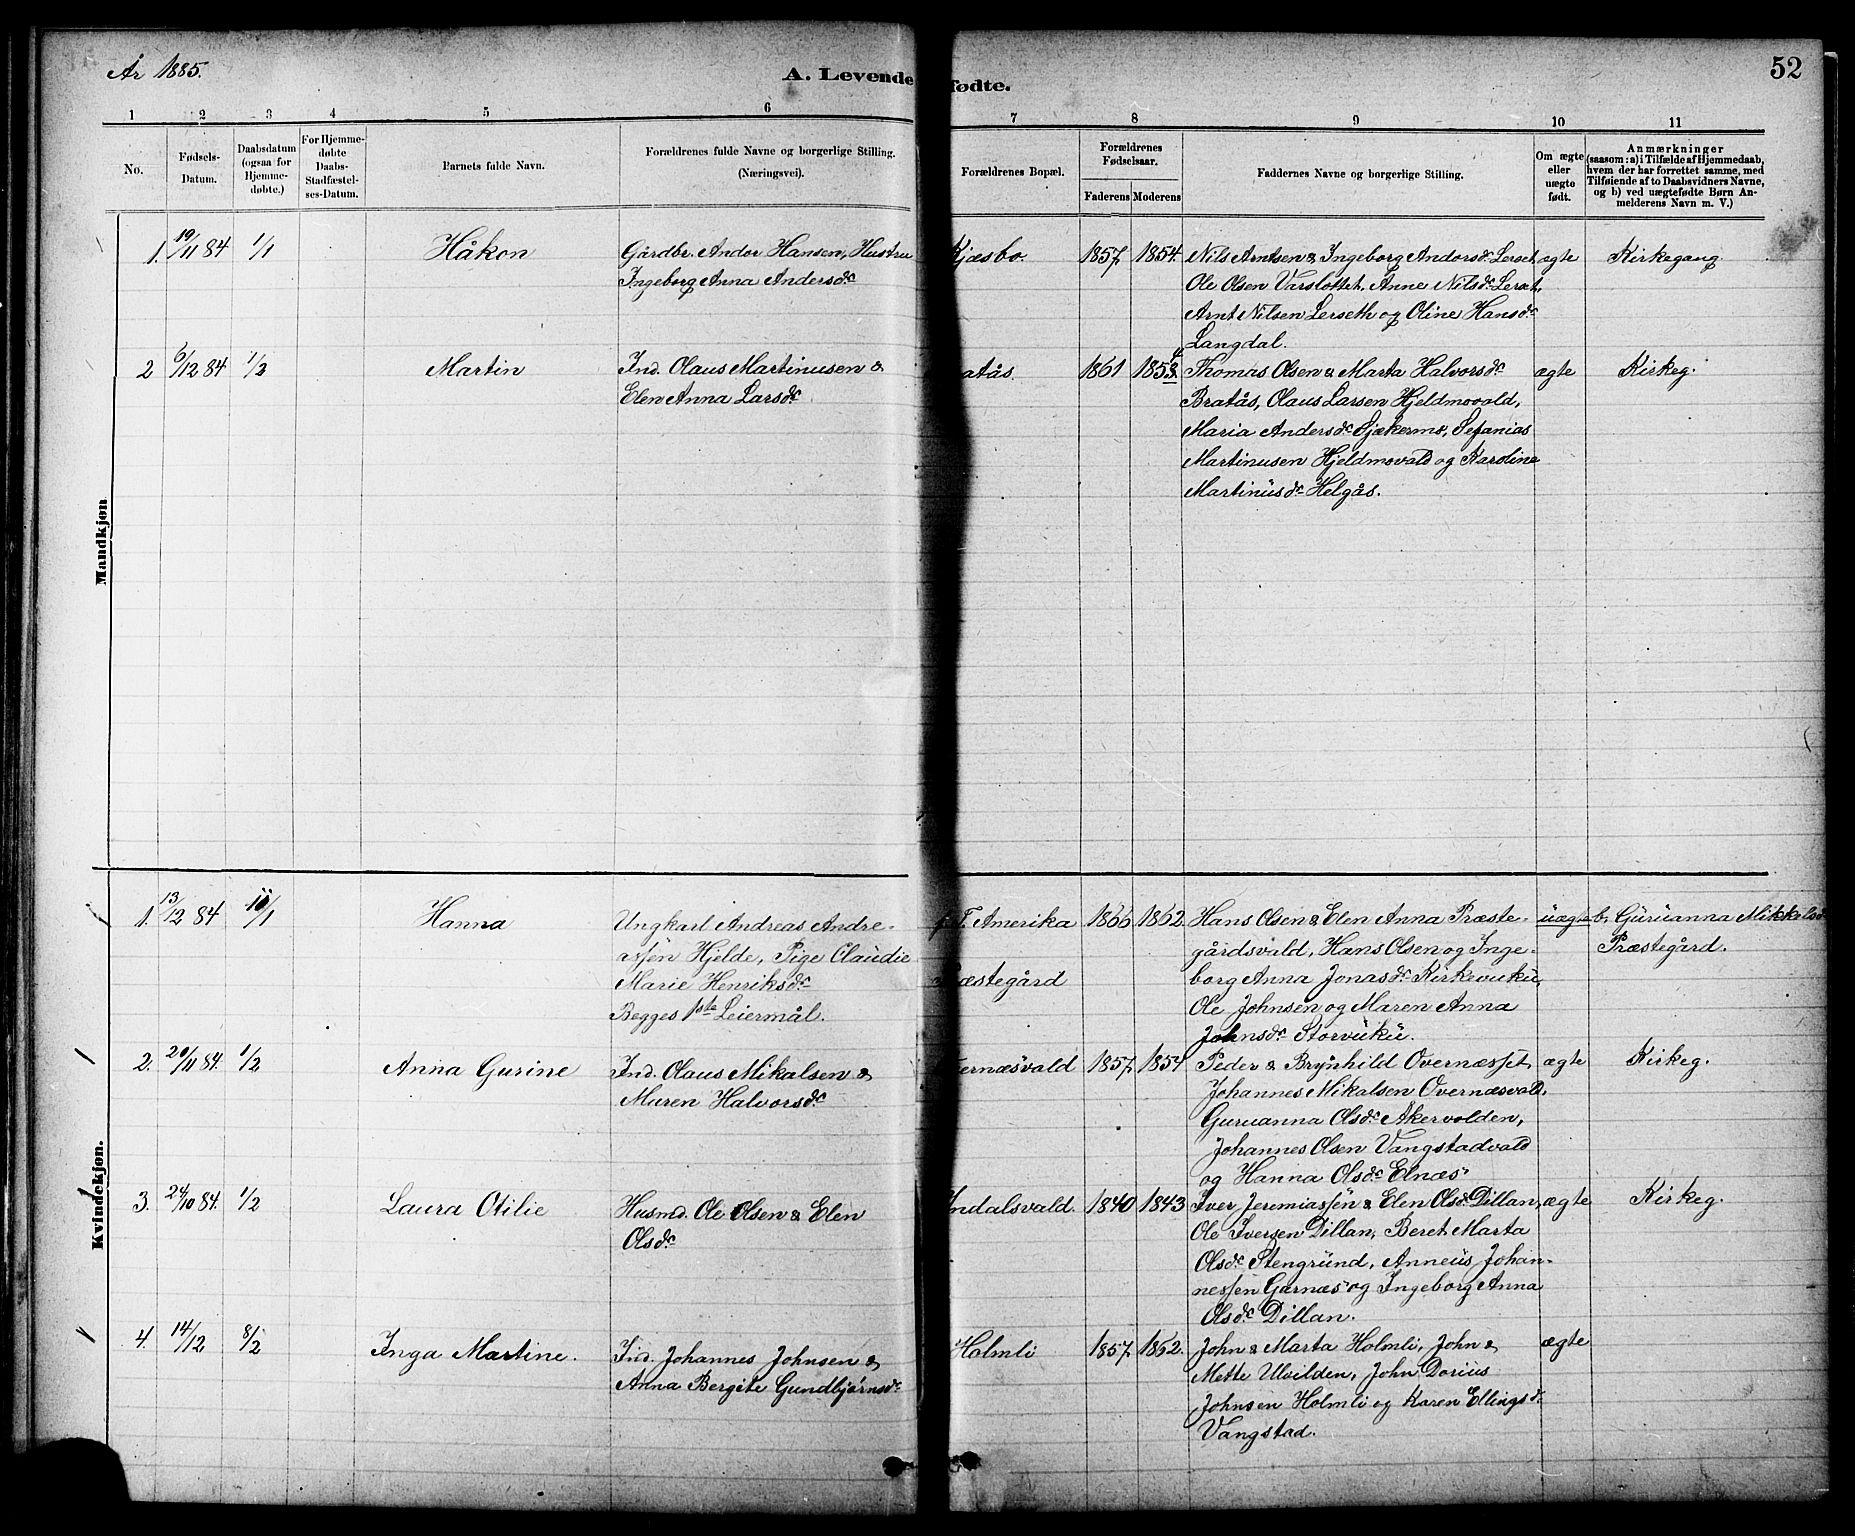 SAT, Ministerialprotokoller, klokkerbøker og fødselsregistre - Nord-Trøndelag, 724/L0267: Klokkerbok nr. 724C03, 1879-1898, s. 52